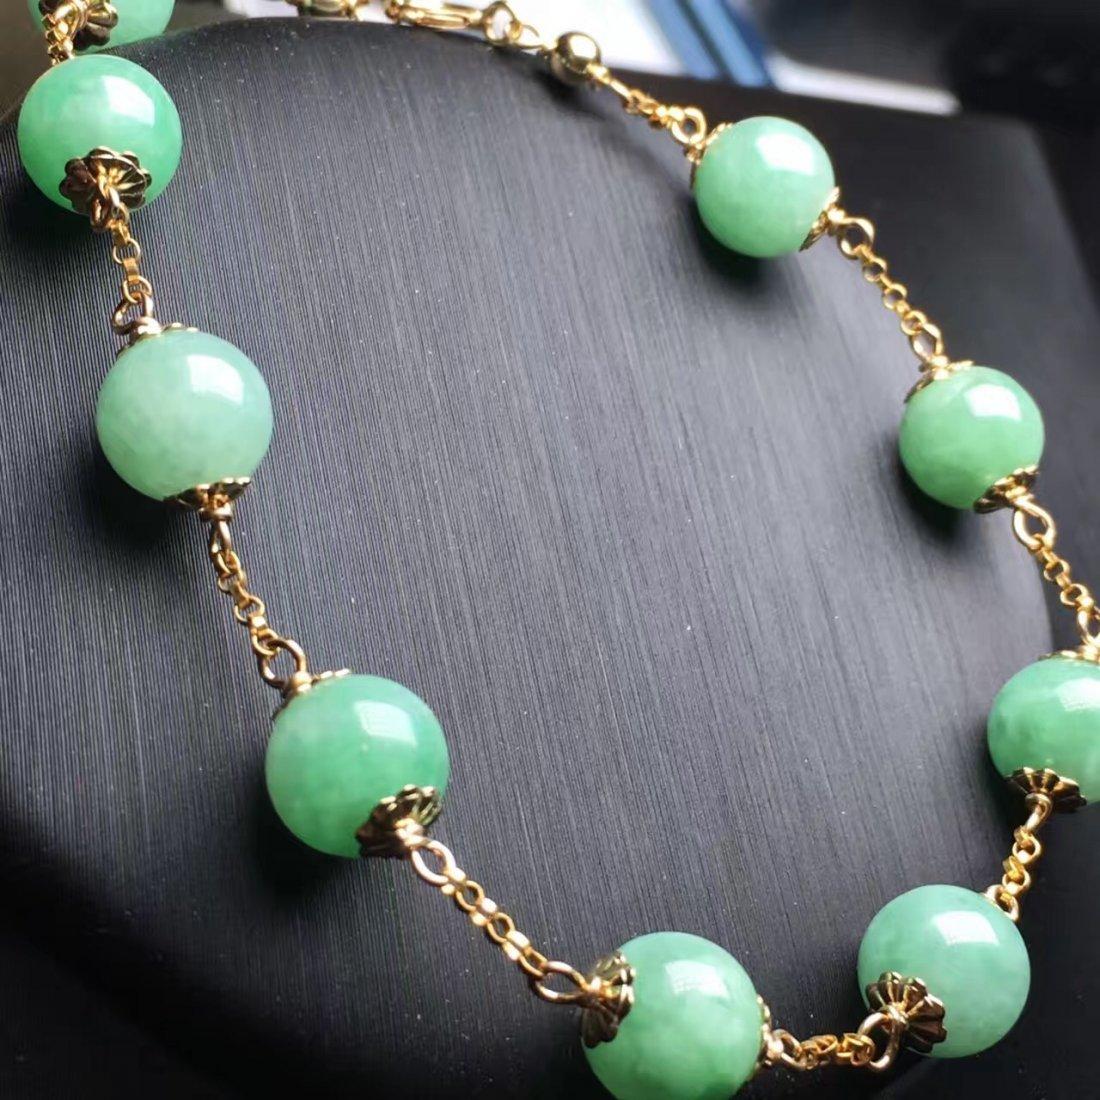 14K Gold Natural Jadeite Bracelet